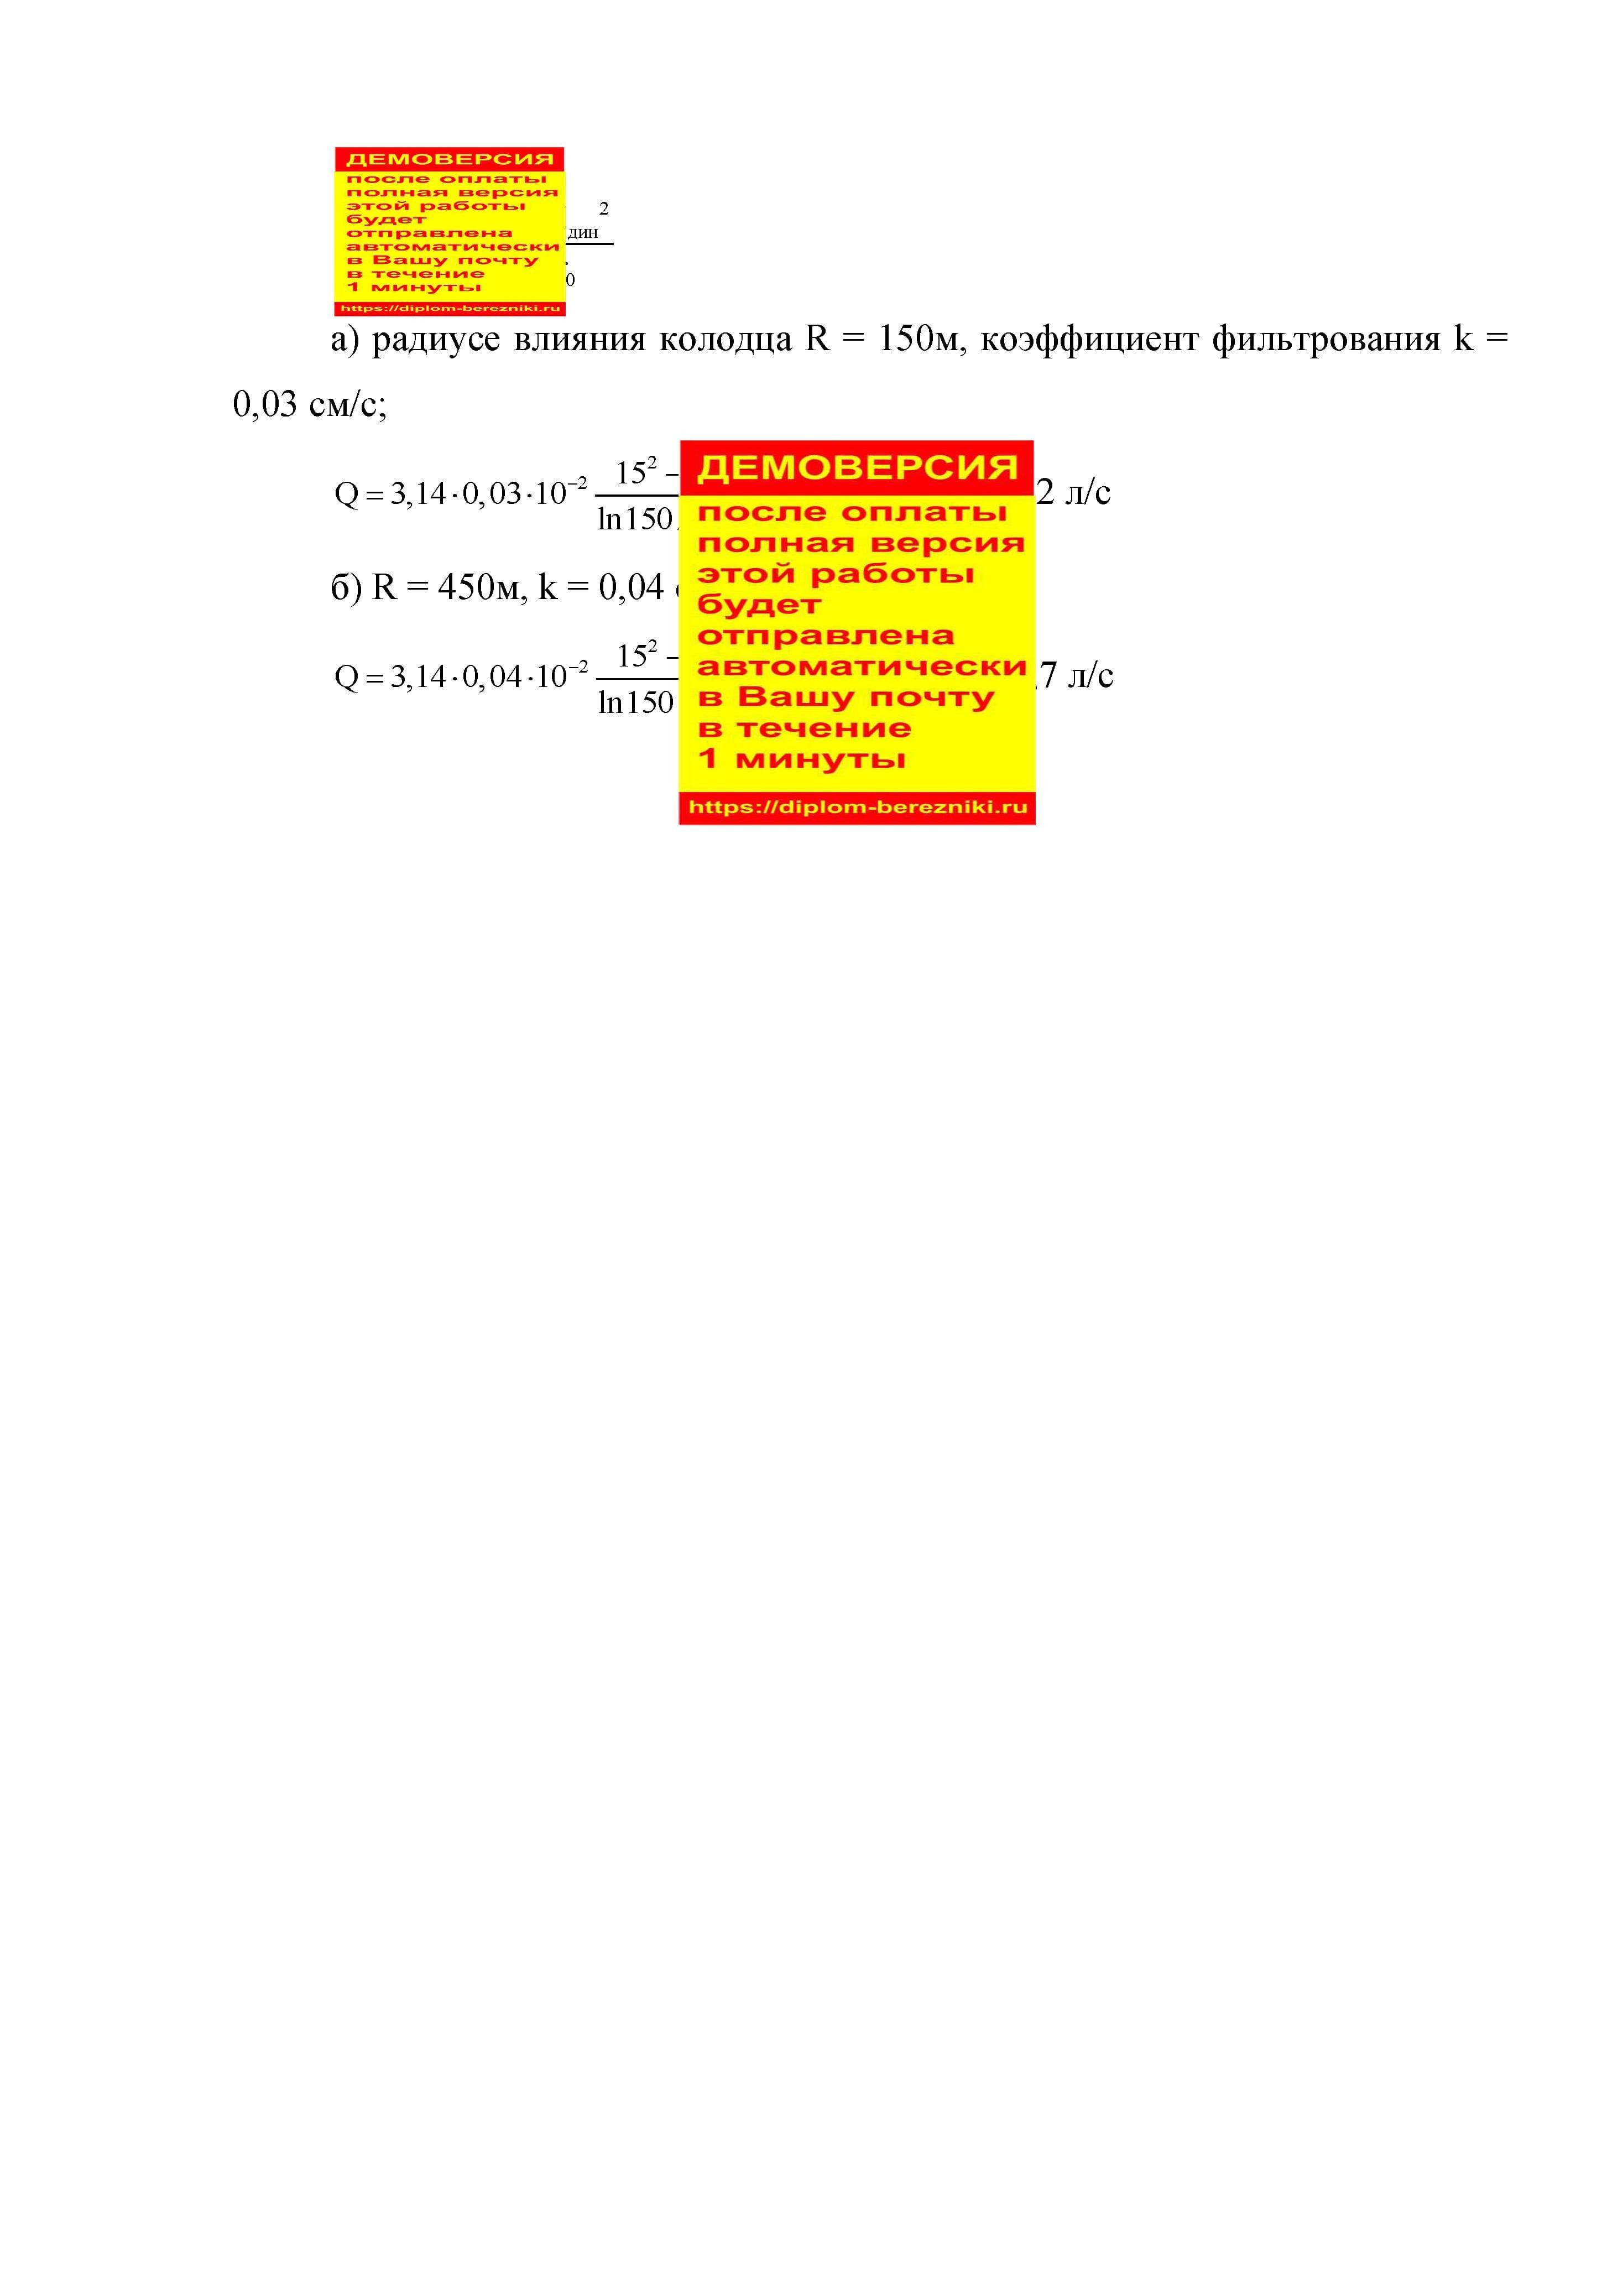 отметка подстилающего водонепроницаемого слоя 0,00